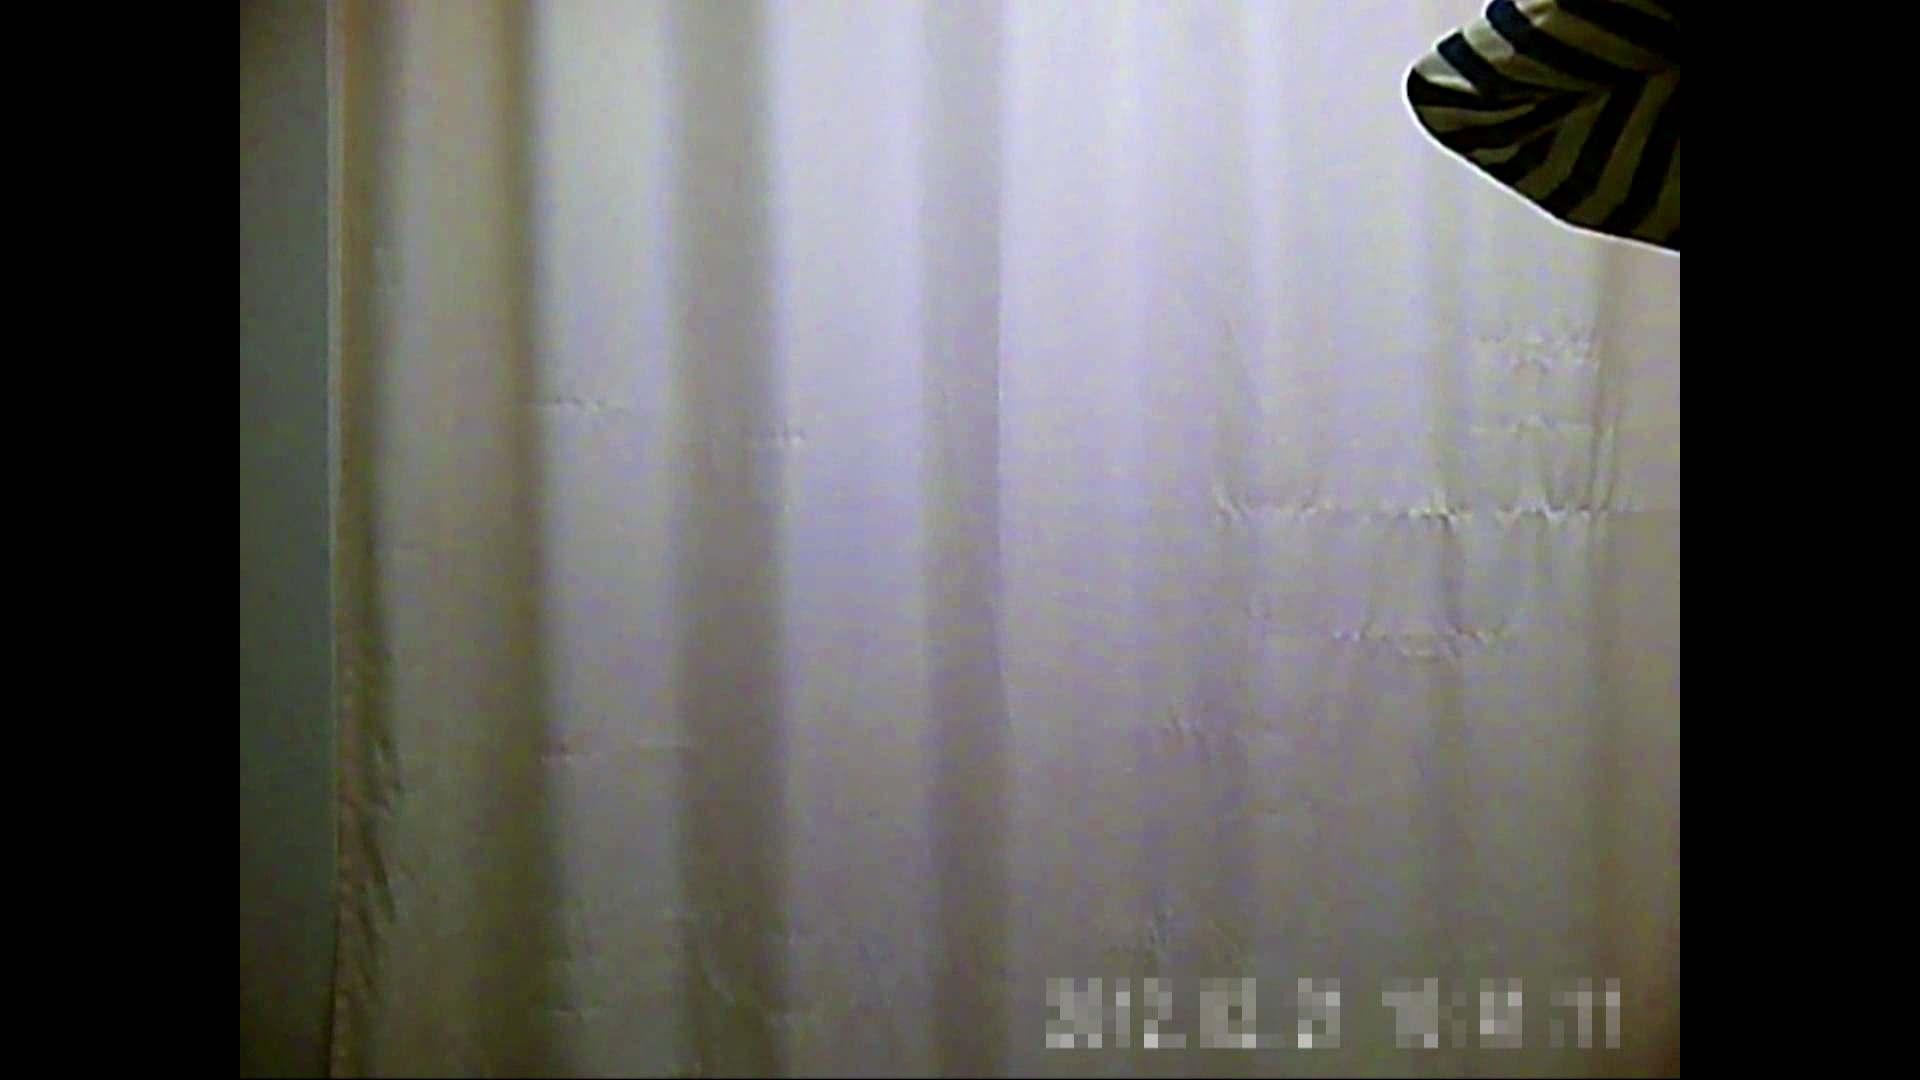 元医者による反抗 更衣室地獄絵巻 vol.036 盛合せ オマンコ無修正動画無料 84枚 44